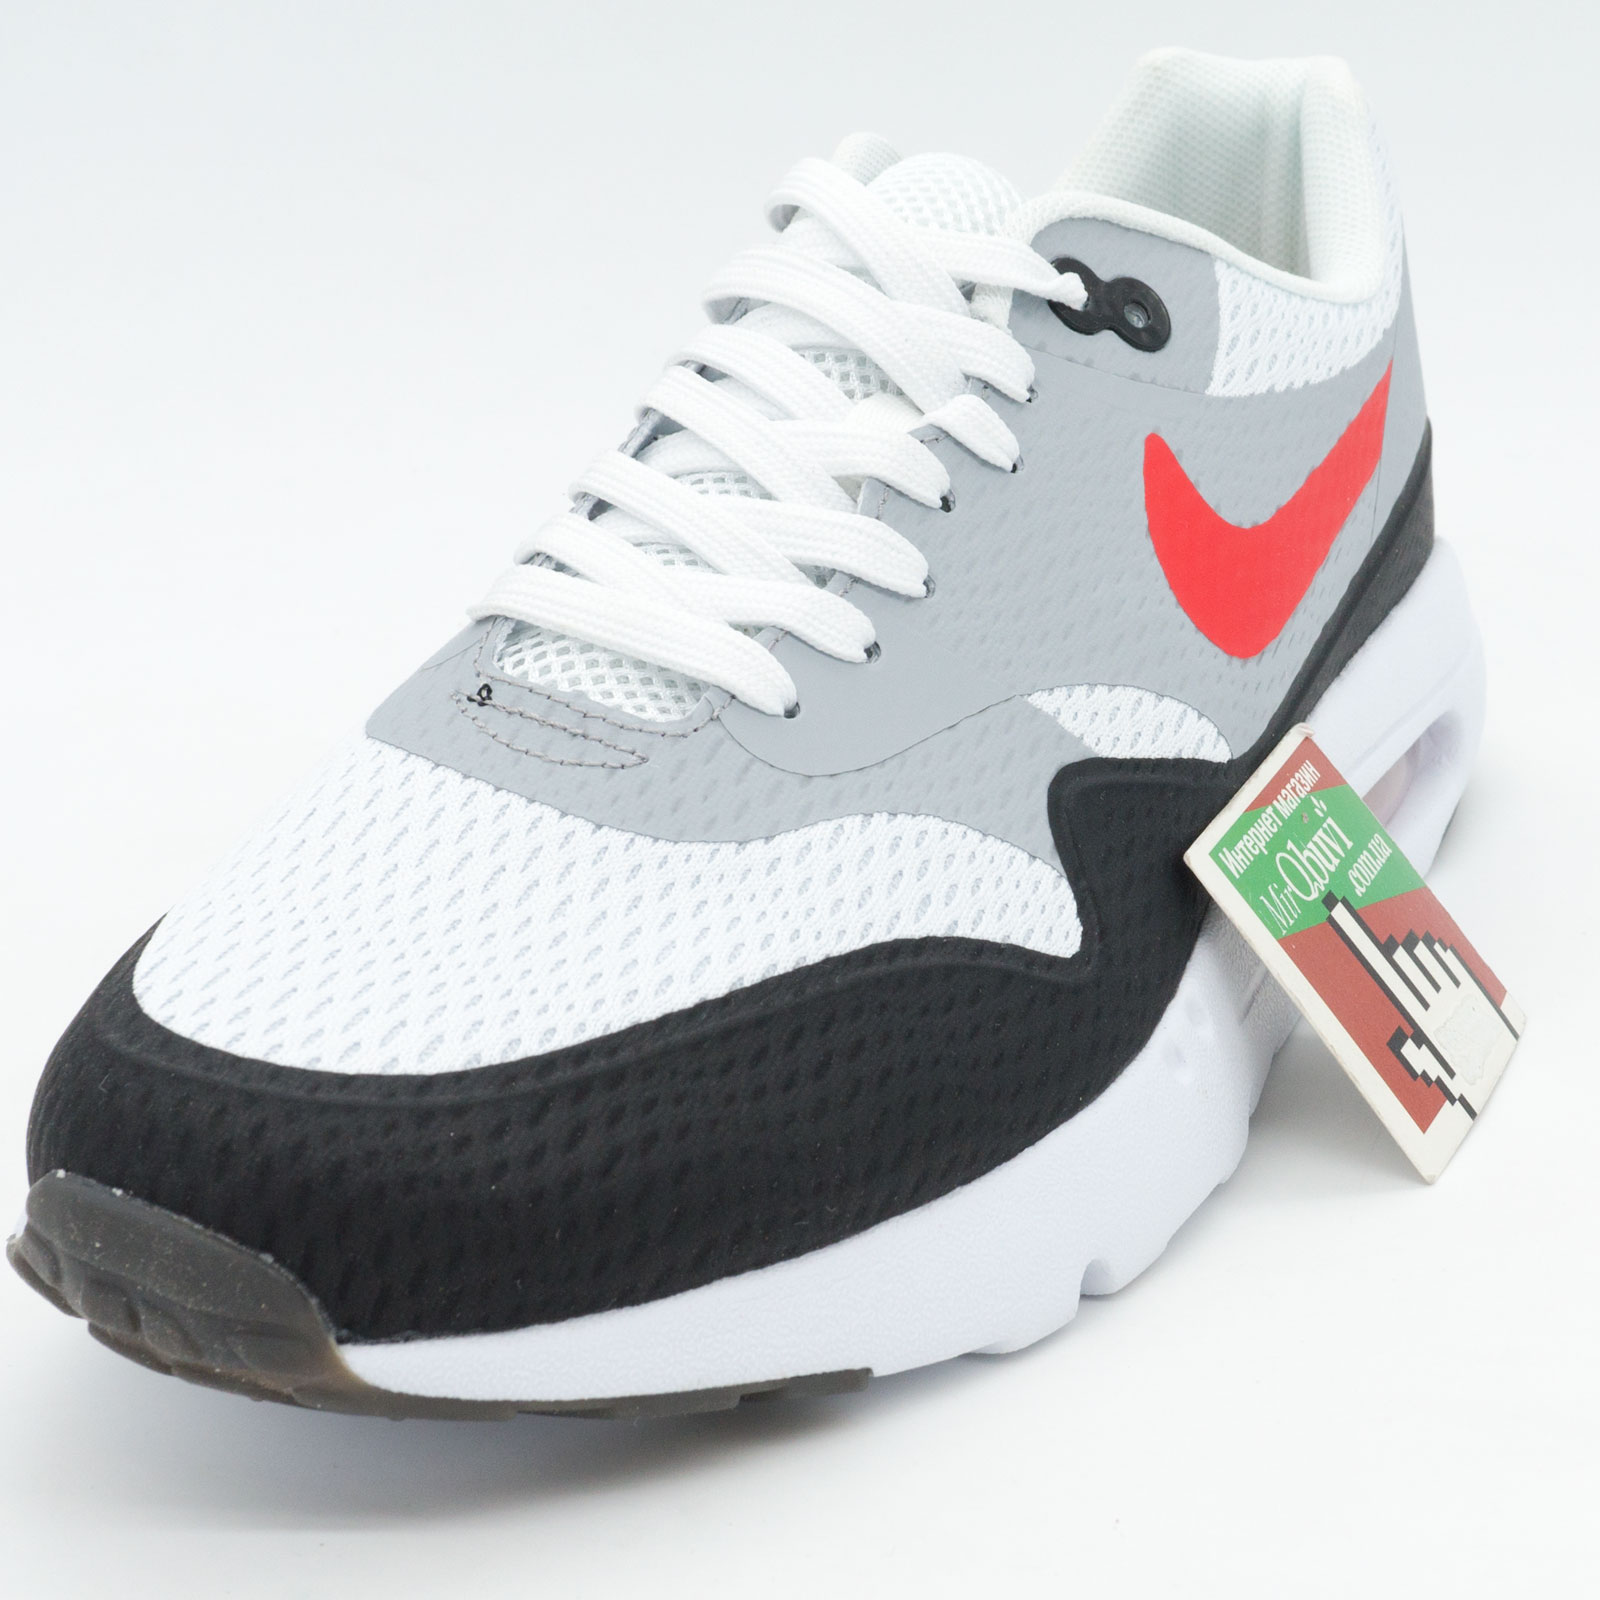 фото front Мужские кроссовки Nike air max Ultra Flyknit серые с красным front